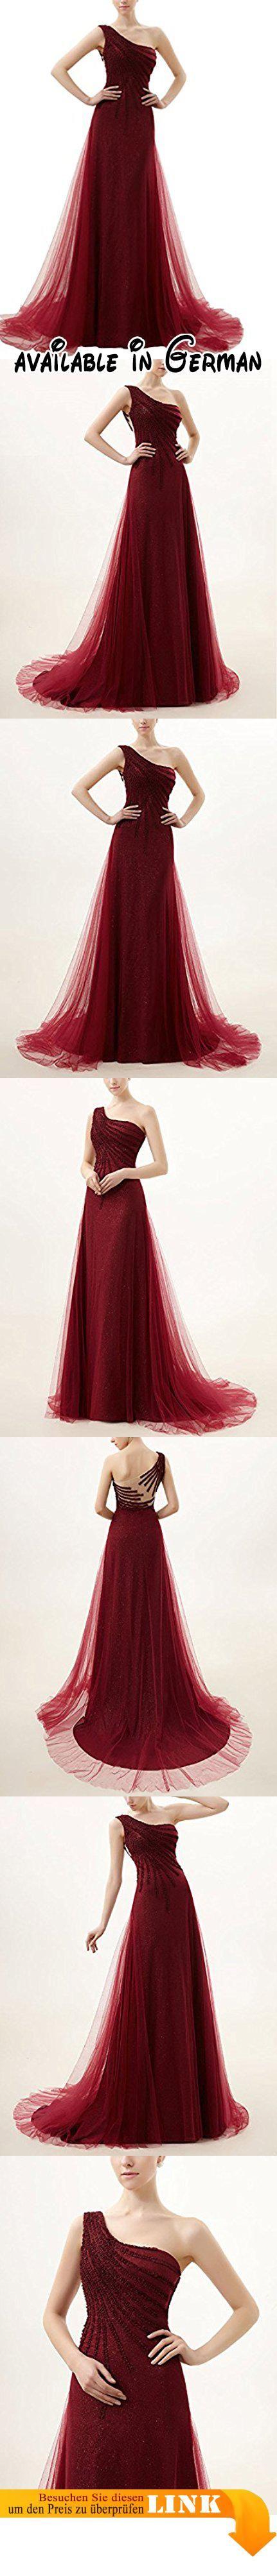 Lactraum LF4187 One-Shoulder mit schleppe weinrot Abendkleid (36).  #Apparel #DRESS